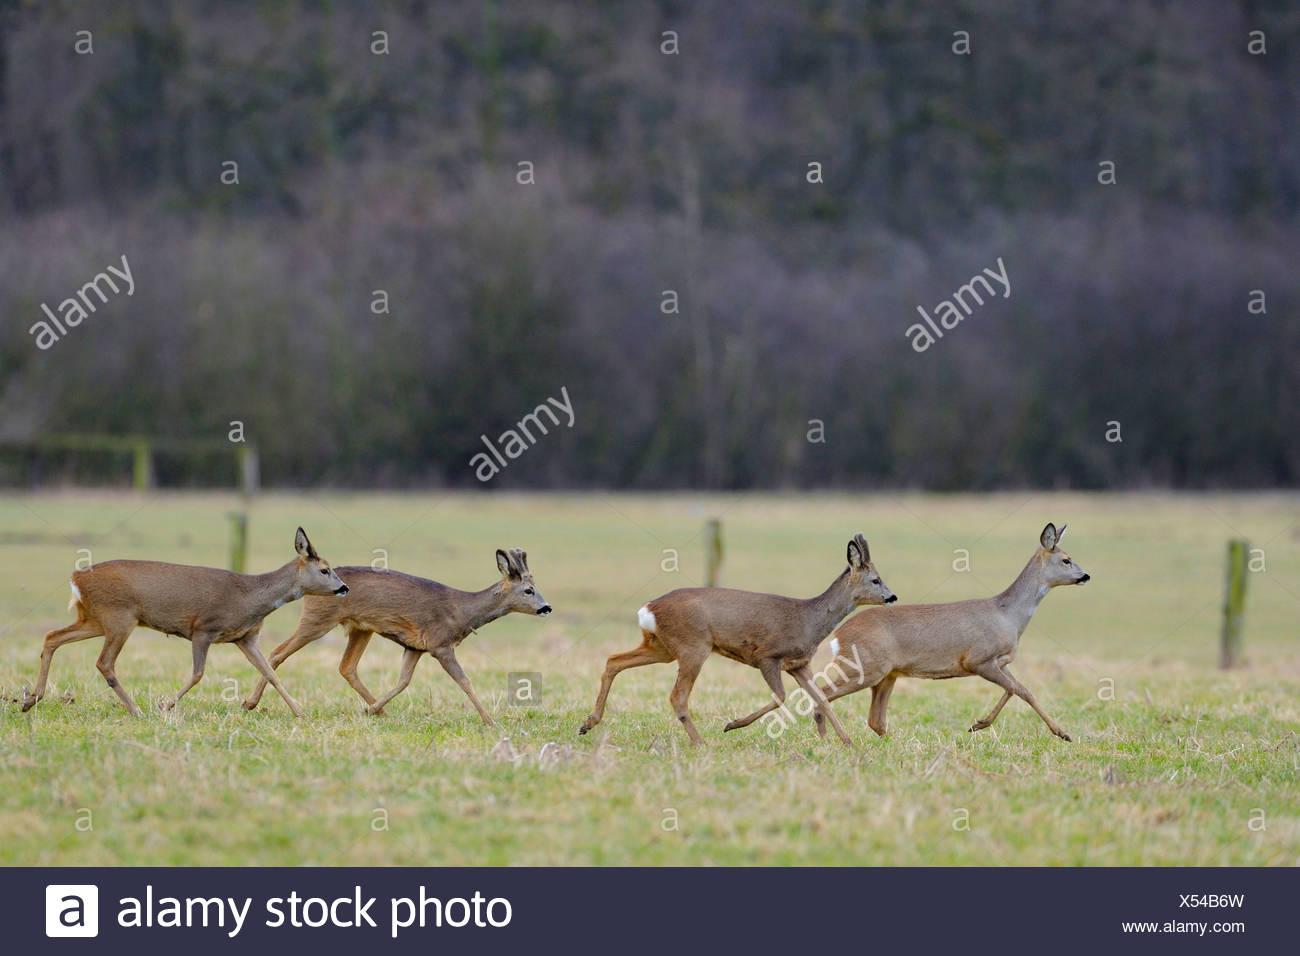 Il capriolo (Capreolus capreolus), pack attraversare un prato, Germania Foto Stock